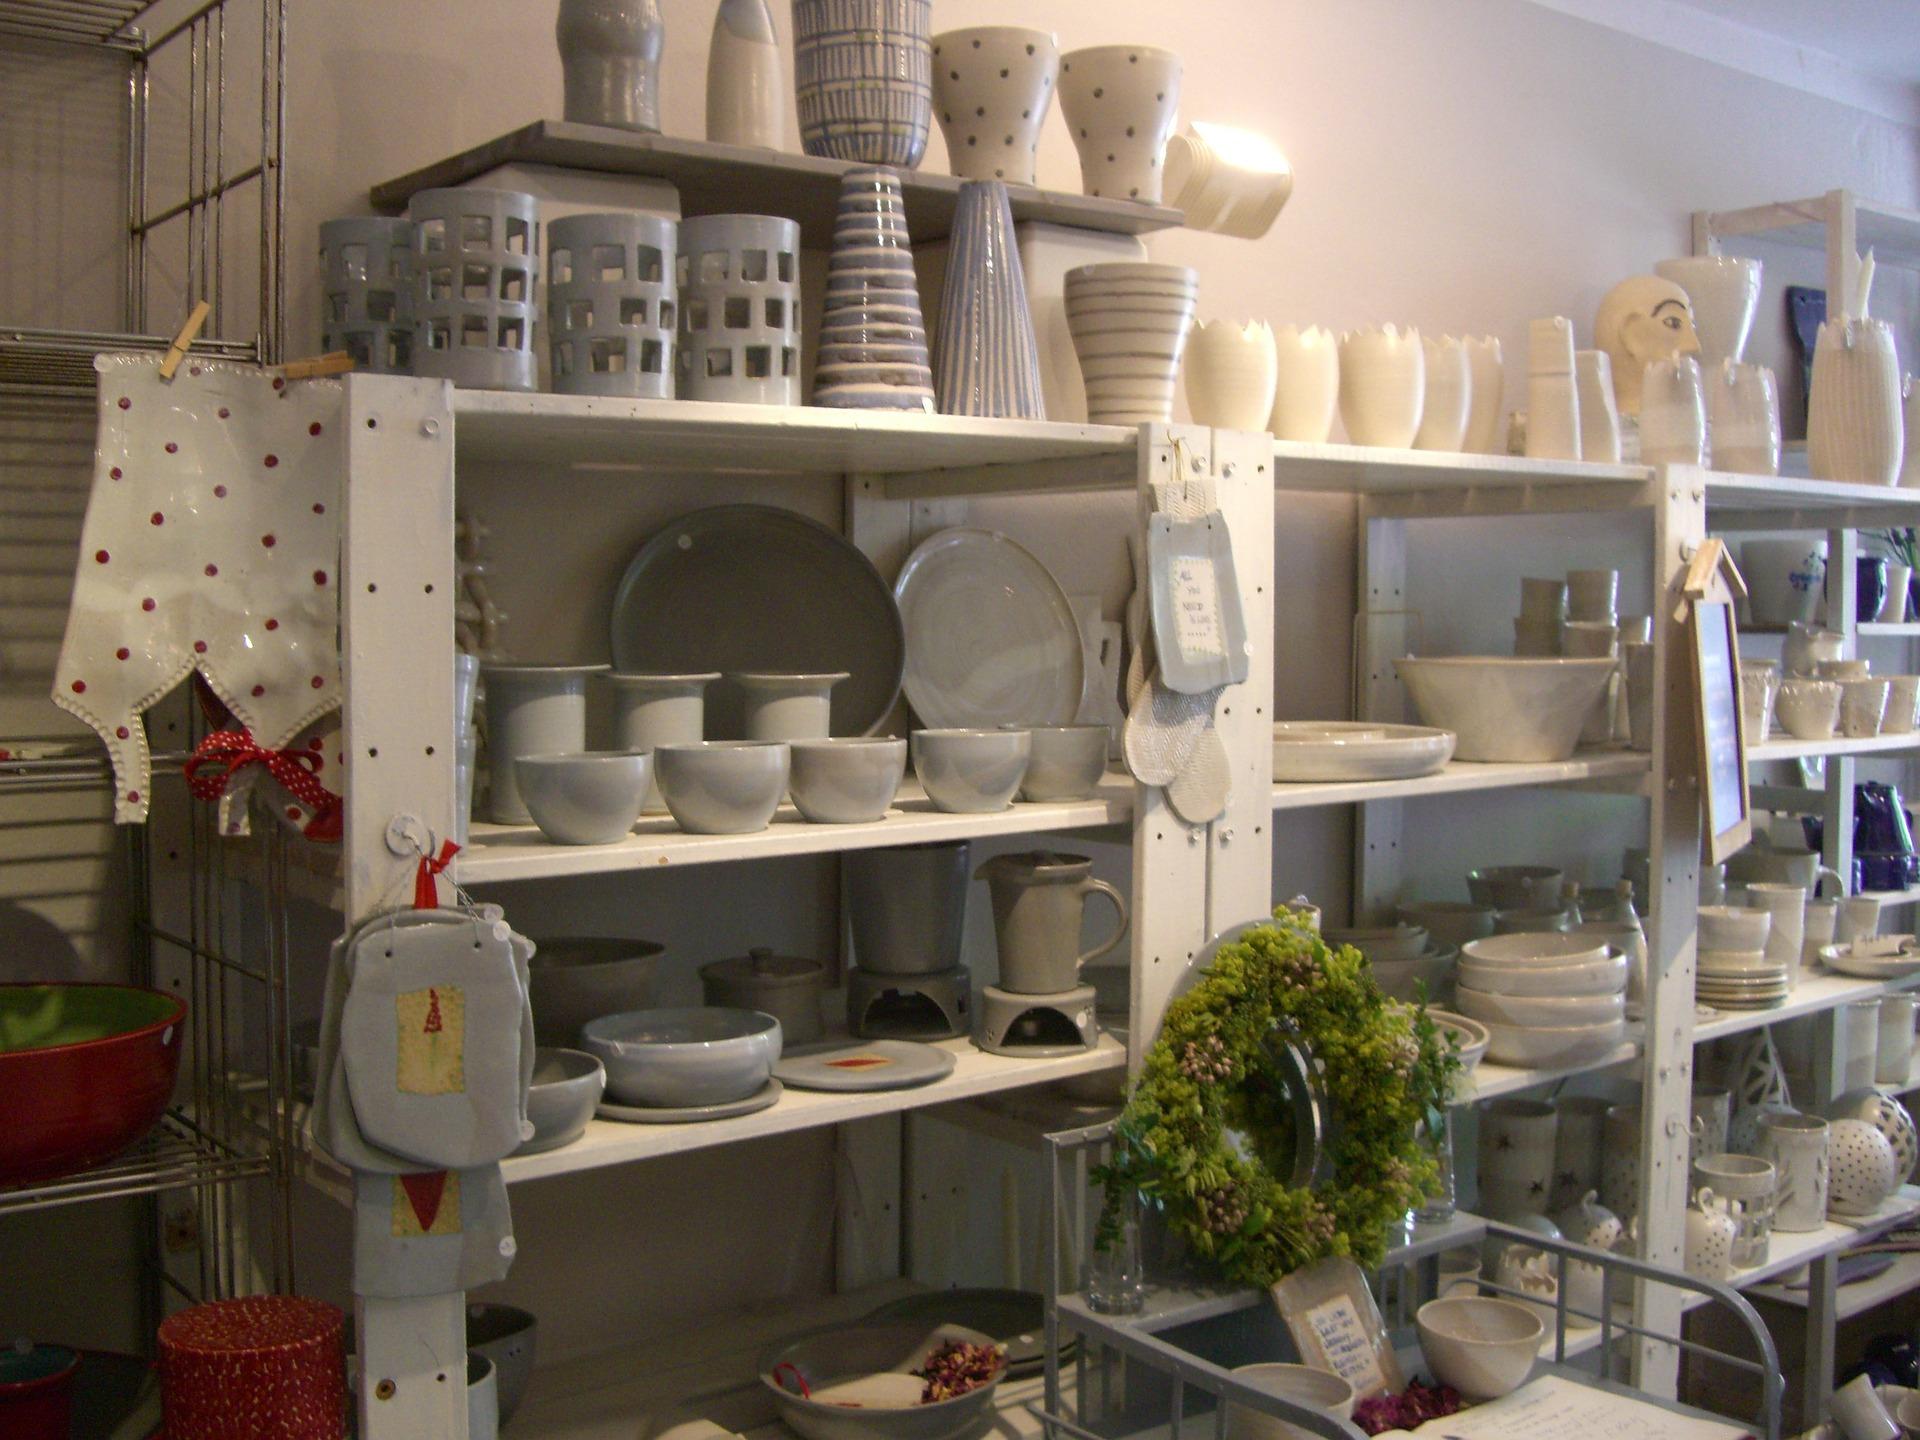 standalone shelves